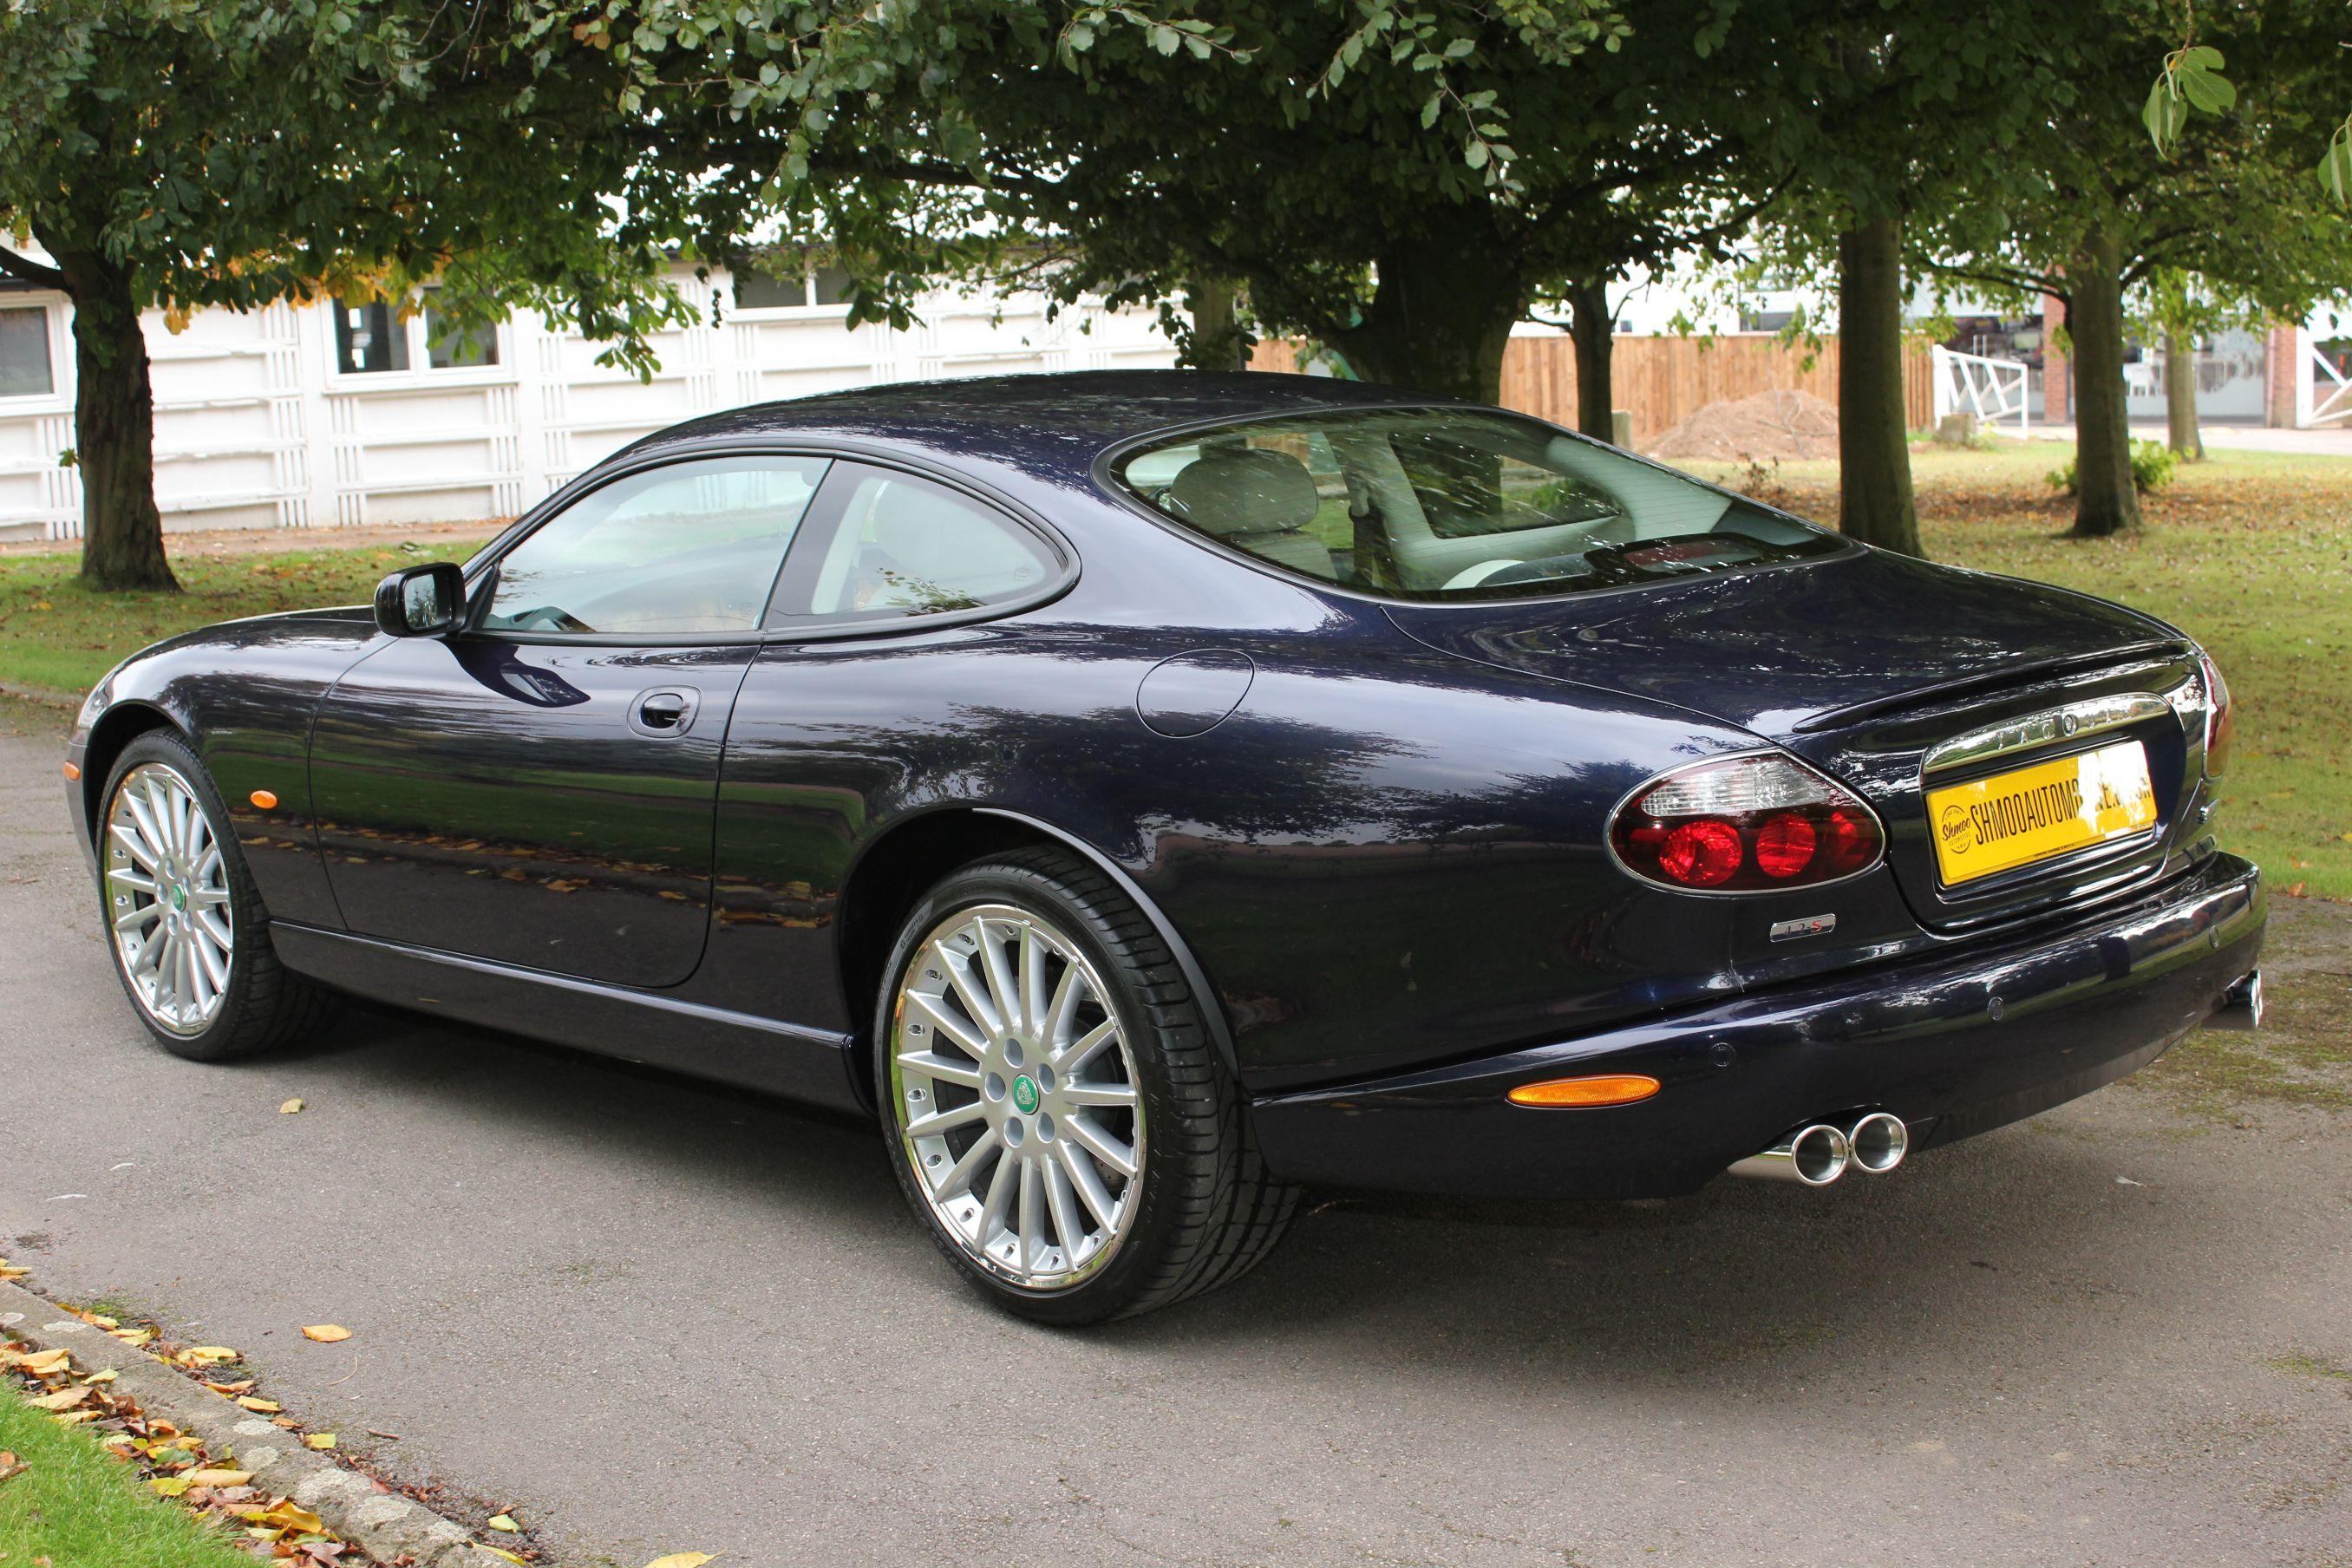 Jaguar Xk8 4 2s Coupe The Last Cars Off The Production